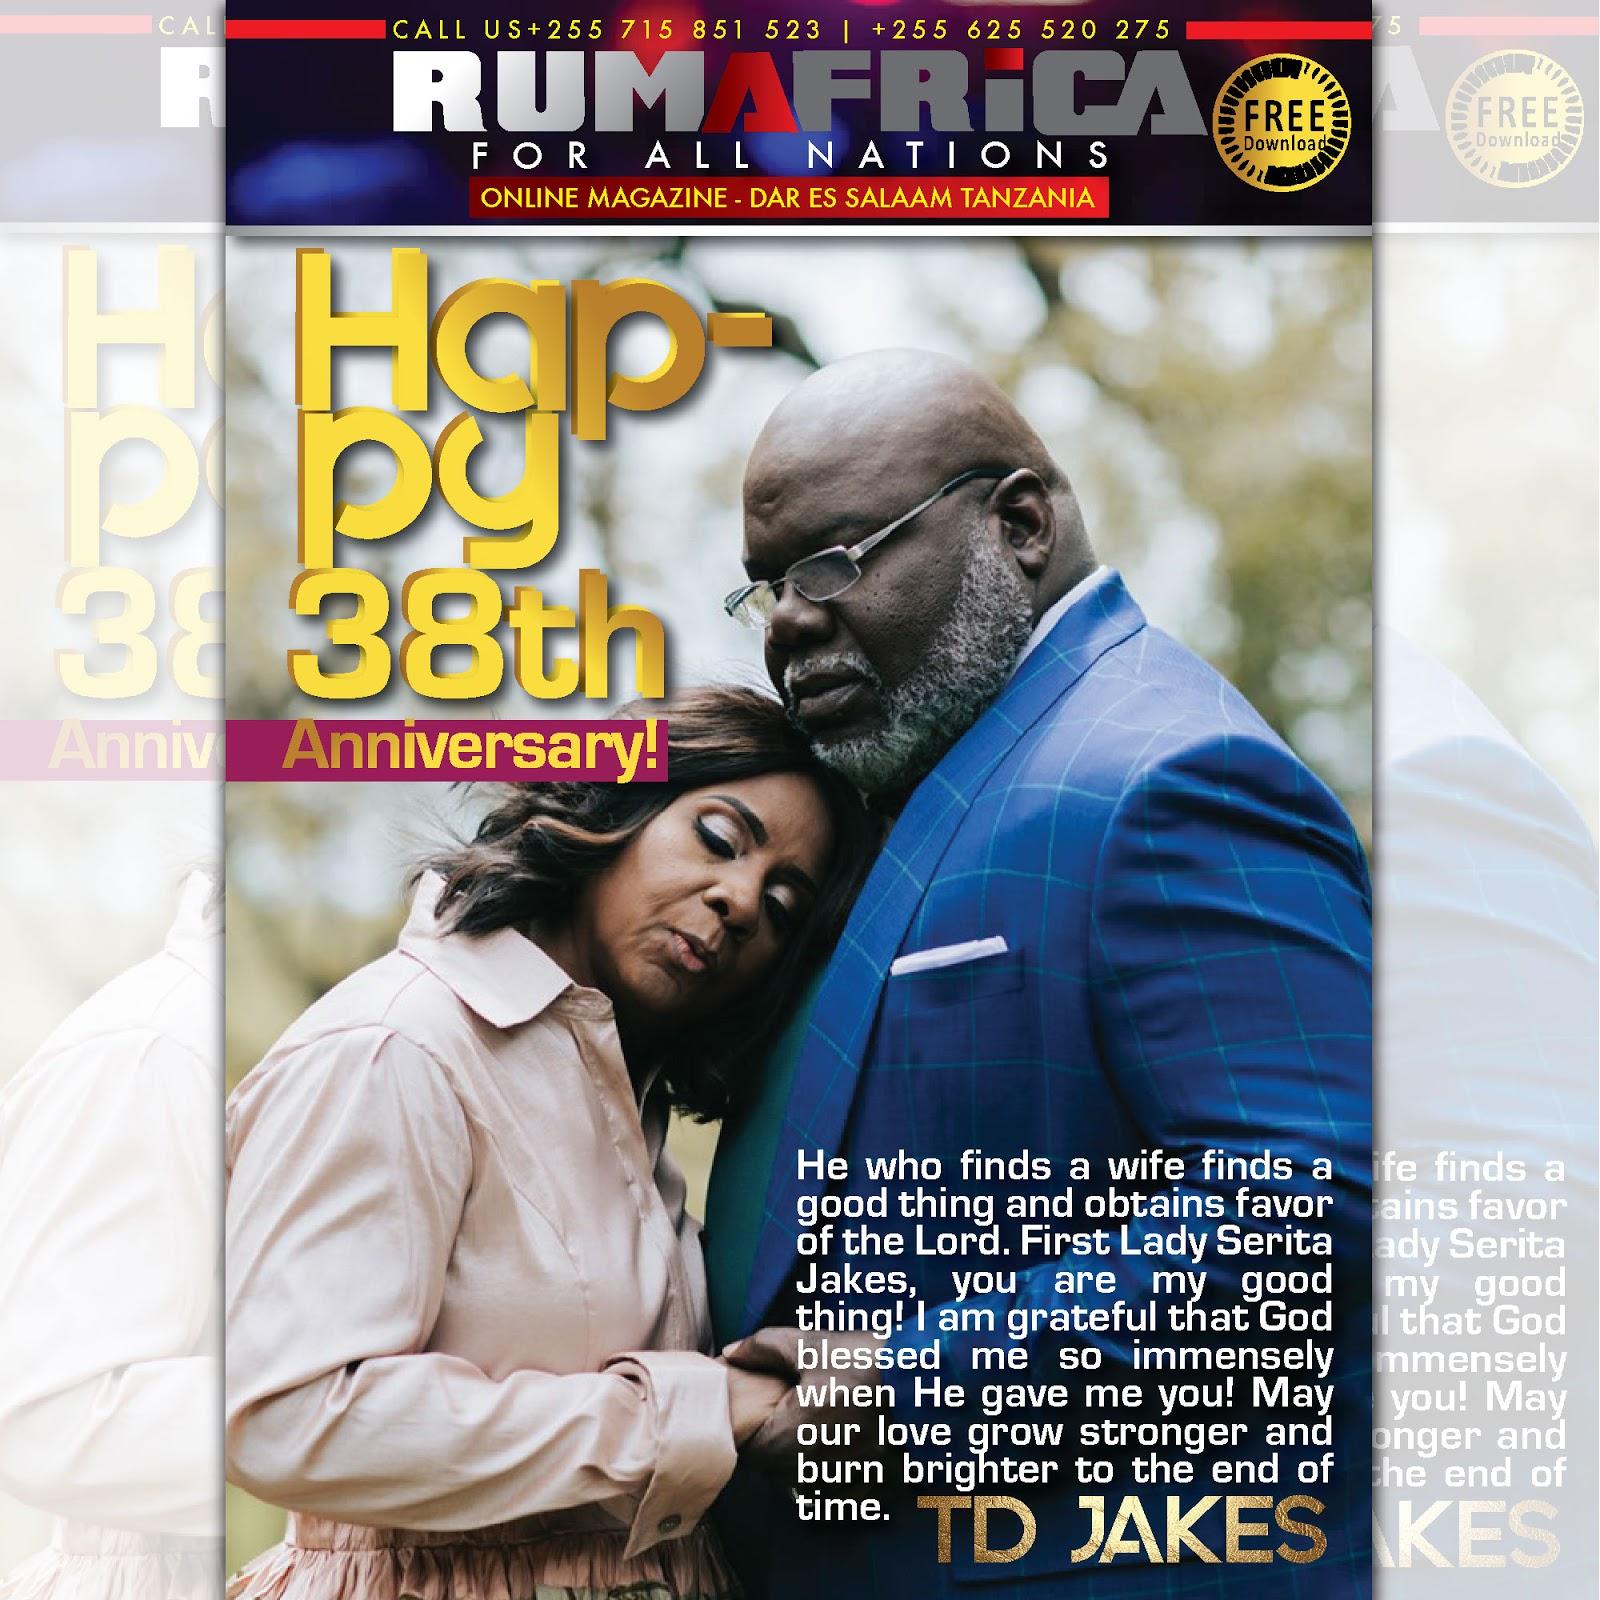 RUMAFRICA Magazine: HAPPY 38th ANNIVERSARY TD JAKES